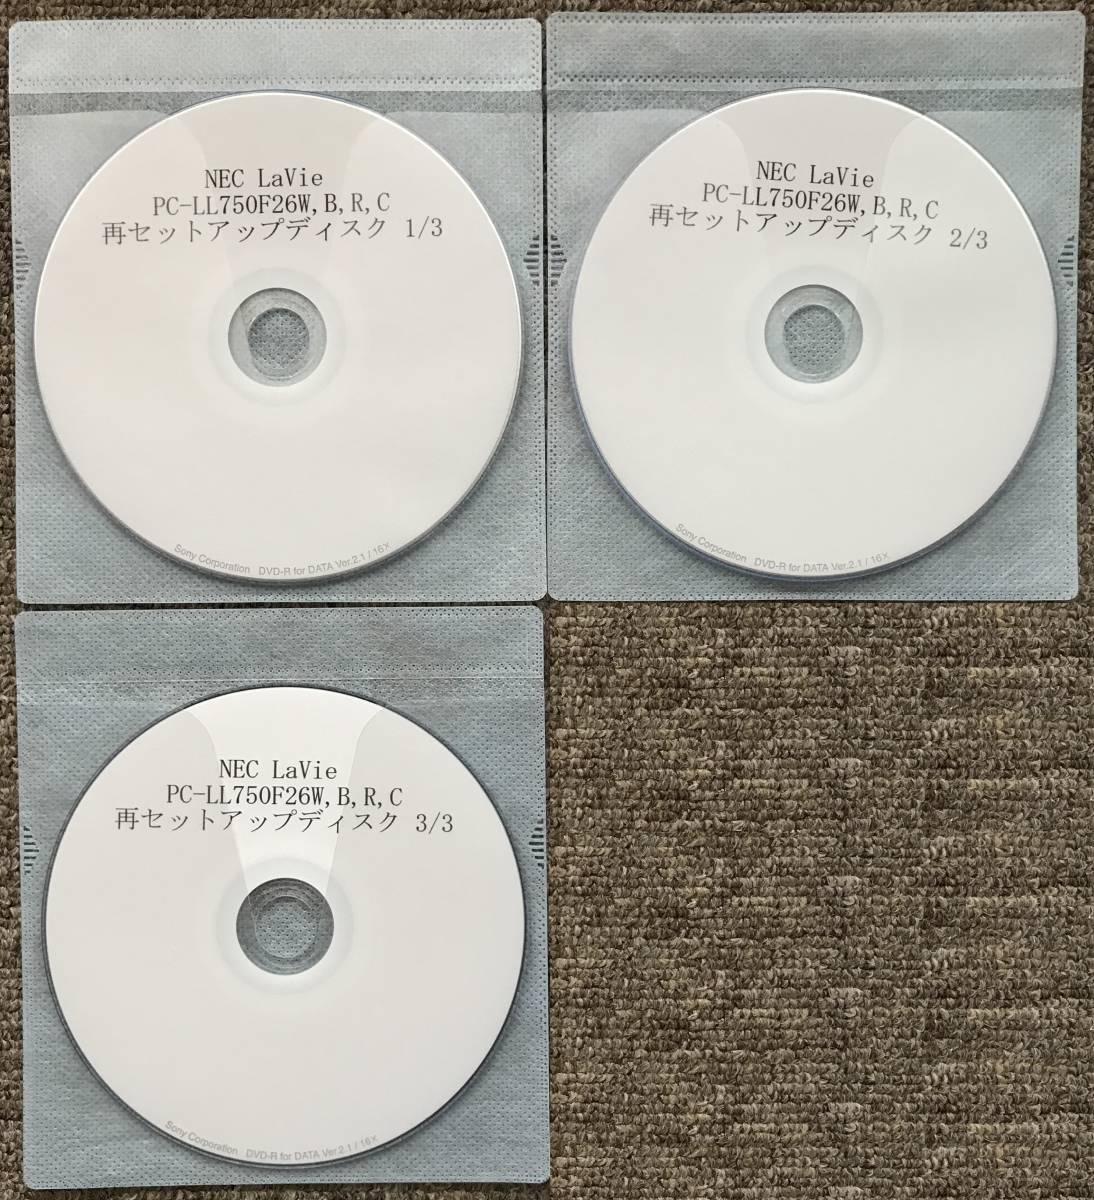 LaVie★PC-LL750FS6(W,B,R,C)/PC-LL750F26(W,B,R,C)★NEC★再セットアップディスク★リカバリーメディア★DVD-R(3枚)